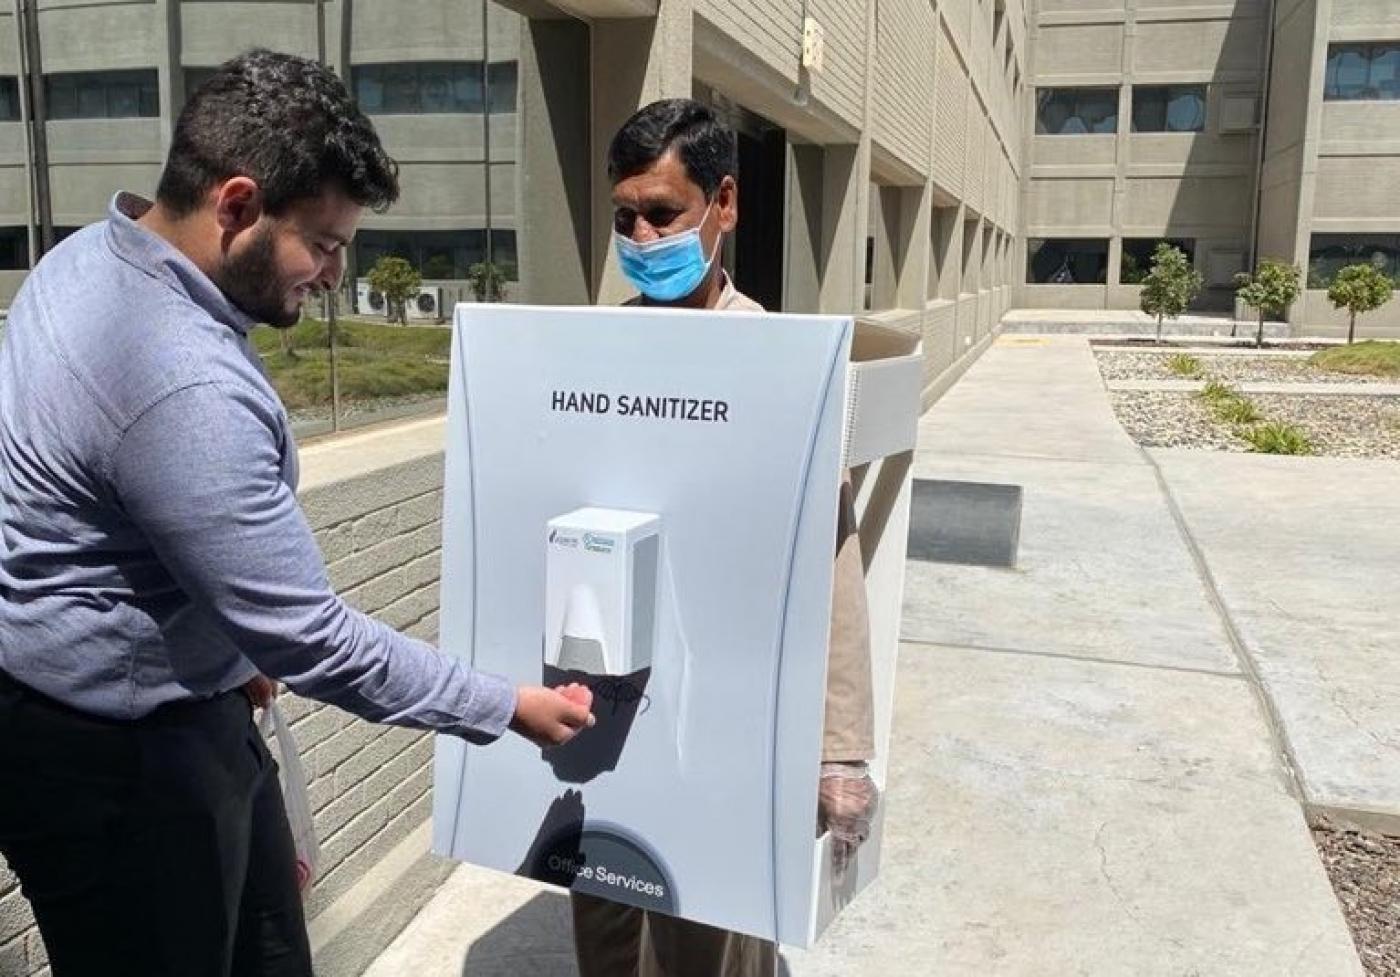 Kézfertőtlenítőnek öltöztettek be egy vendégmunkást a szaúdi olajvállalat központjában